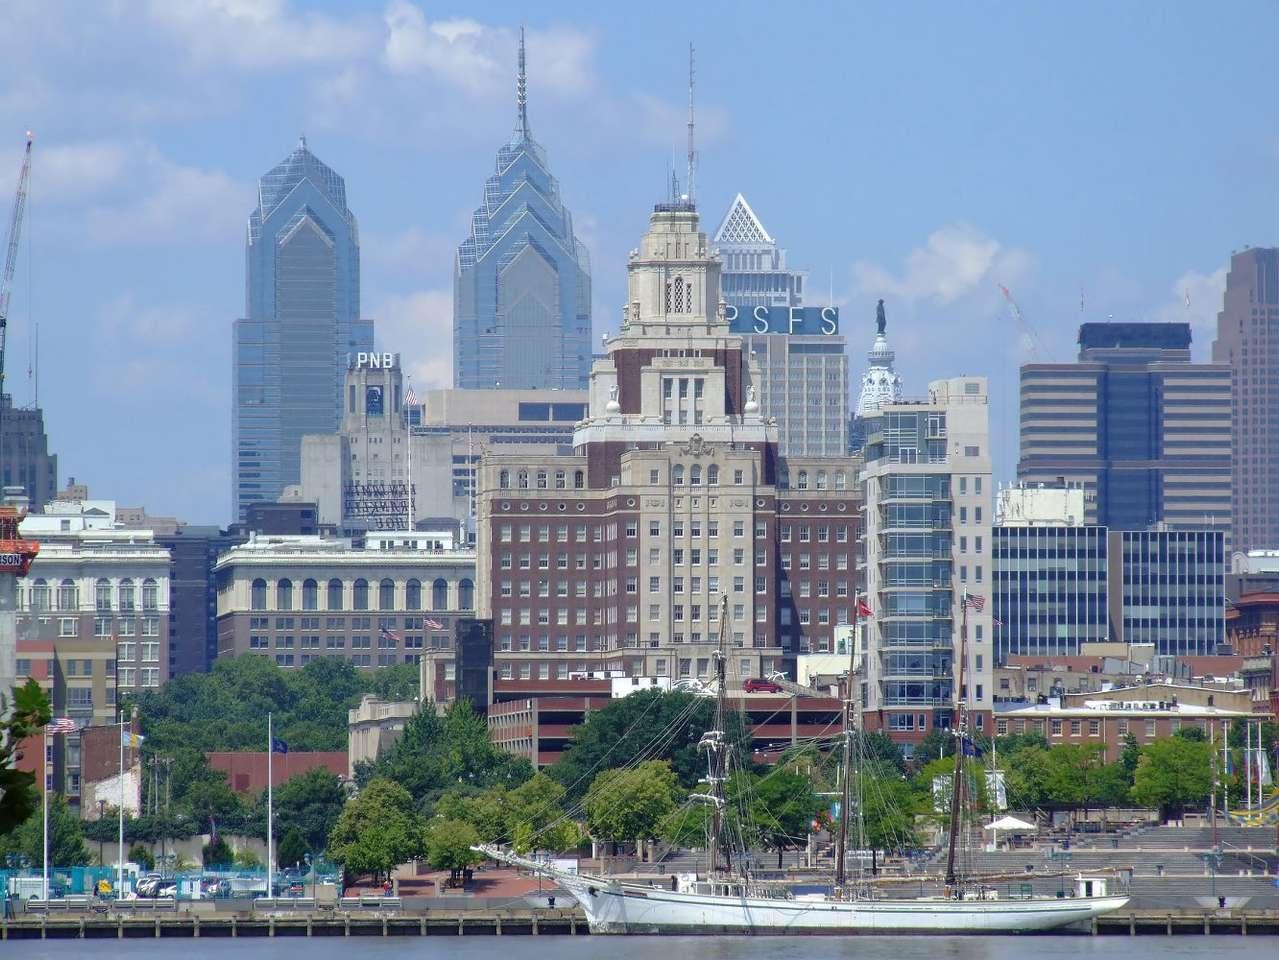 Filadelfia (USA) - Filadelfia to największe, pod względem liczby ludności, miasto amerykańskiego stanu Pensylwania. Położona jest w północno-wschodniej części USA, u ujścia rzeki Delaware do Atlantyku. Filade (12×4)